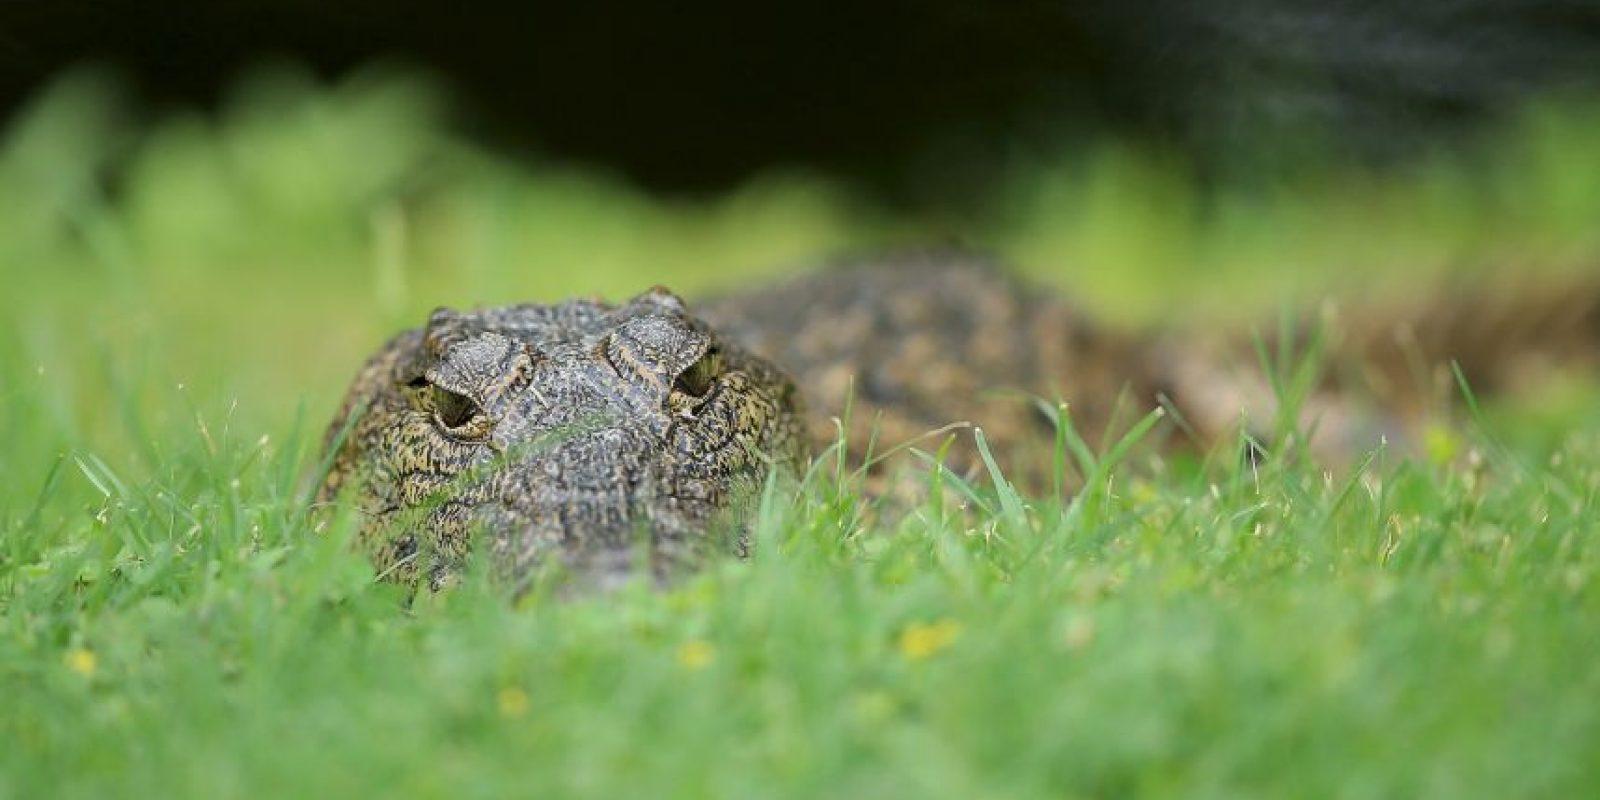 Se cree que el reptil medía entre 1.2 metros y 2.1 metros (4 pies y 7 pies) de largo. Foto:Getty Images